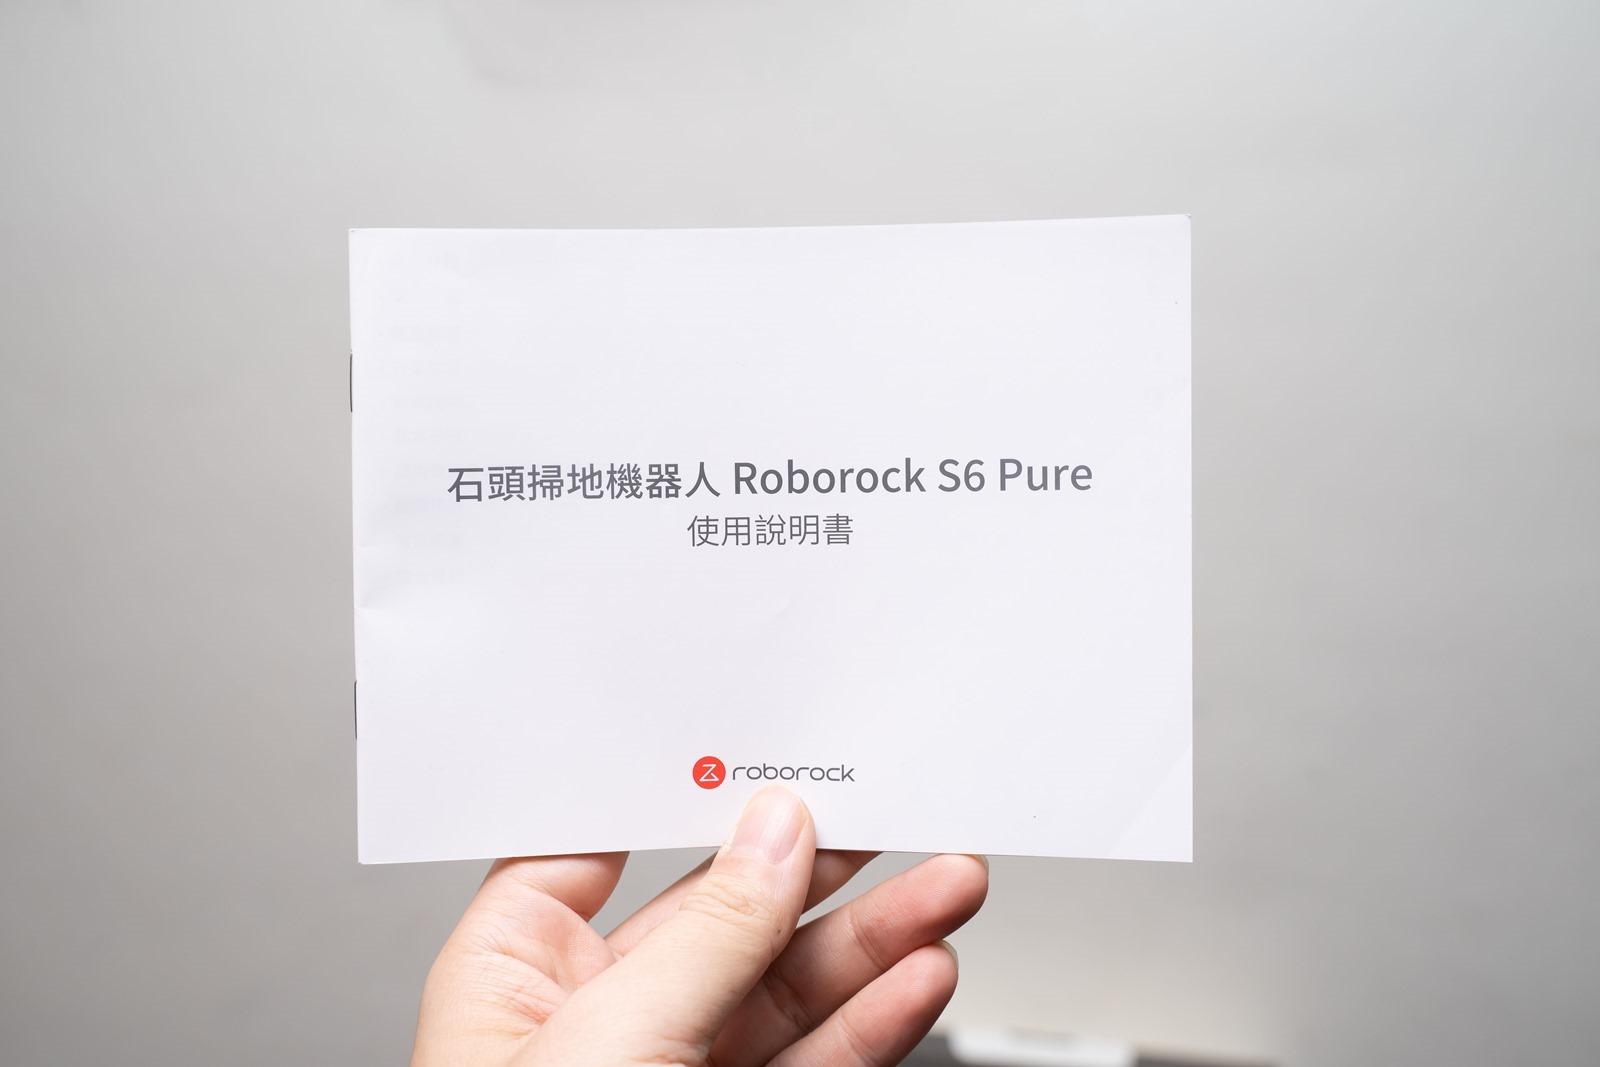 預購兩分鐘破百萬傳說──石頭掃地機器人旗艦改版降價、極高性價比的 S6 Pure 限時優惠中 @3C 達人廖阿輝